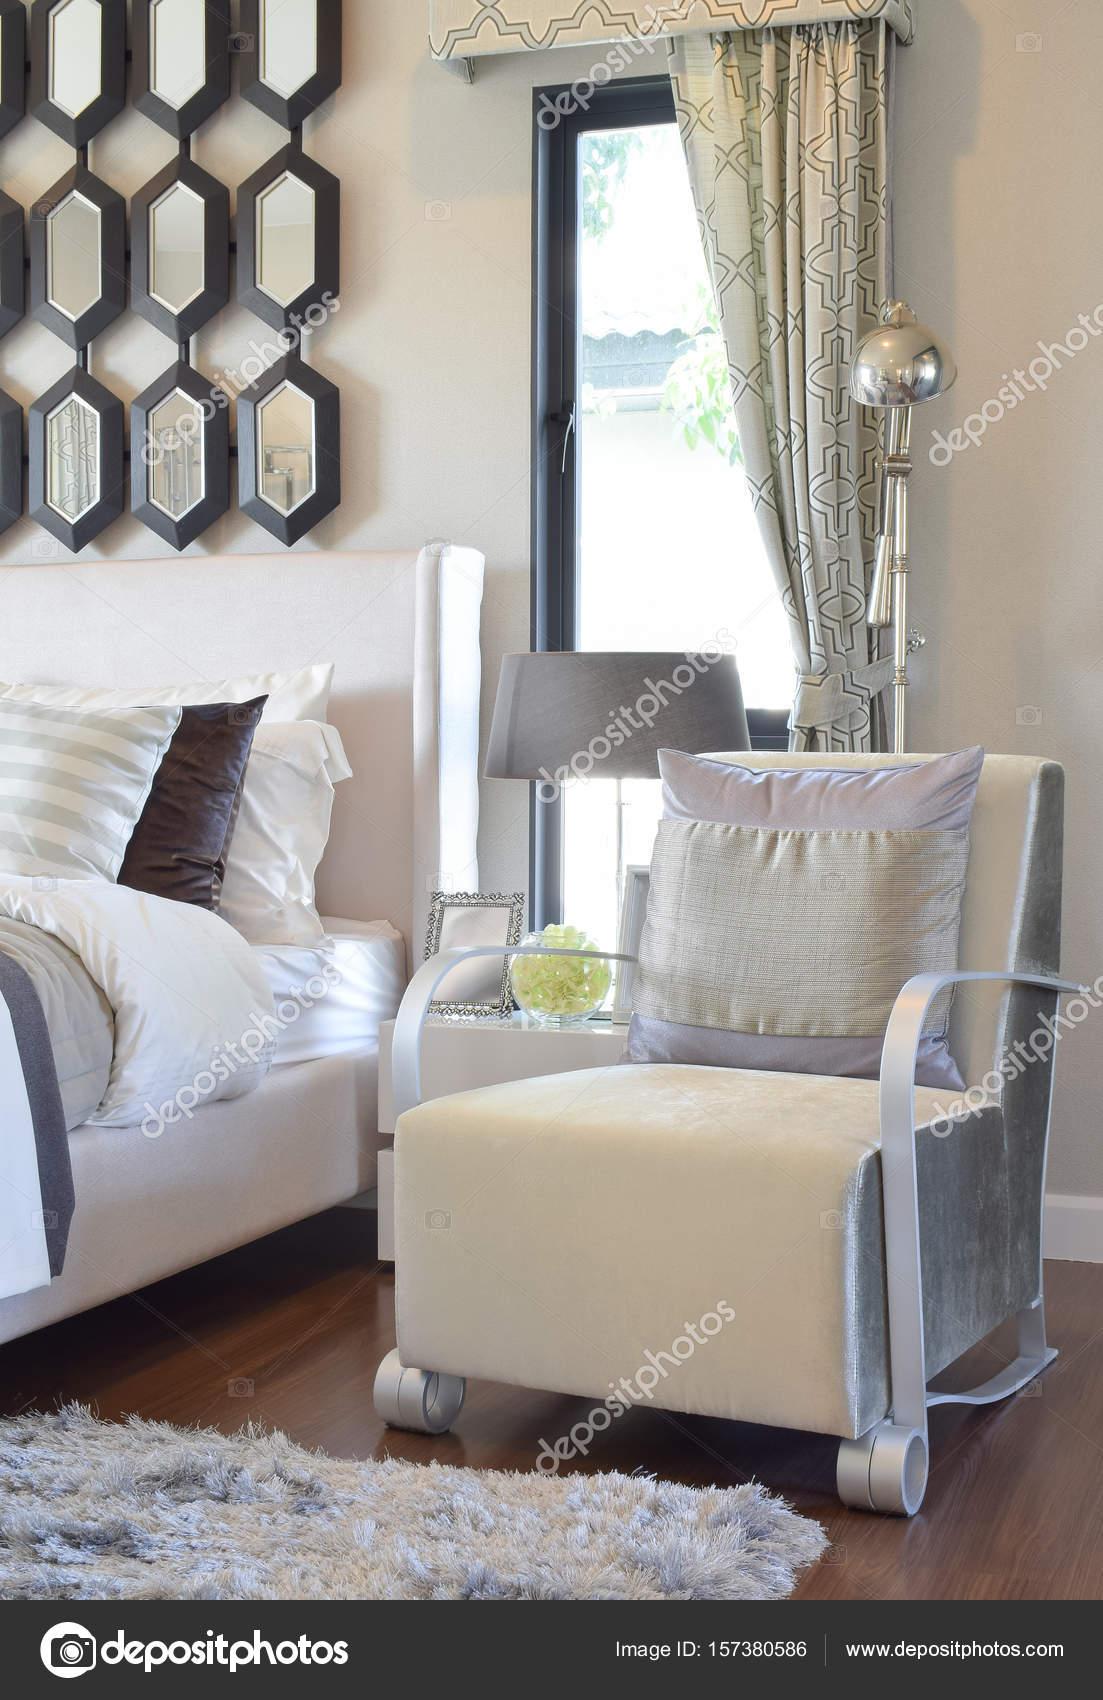 moderne slaapkamer interieur met grijze kussen op fauteuil en ...